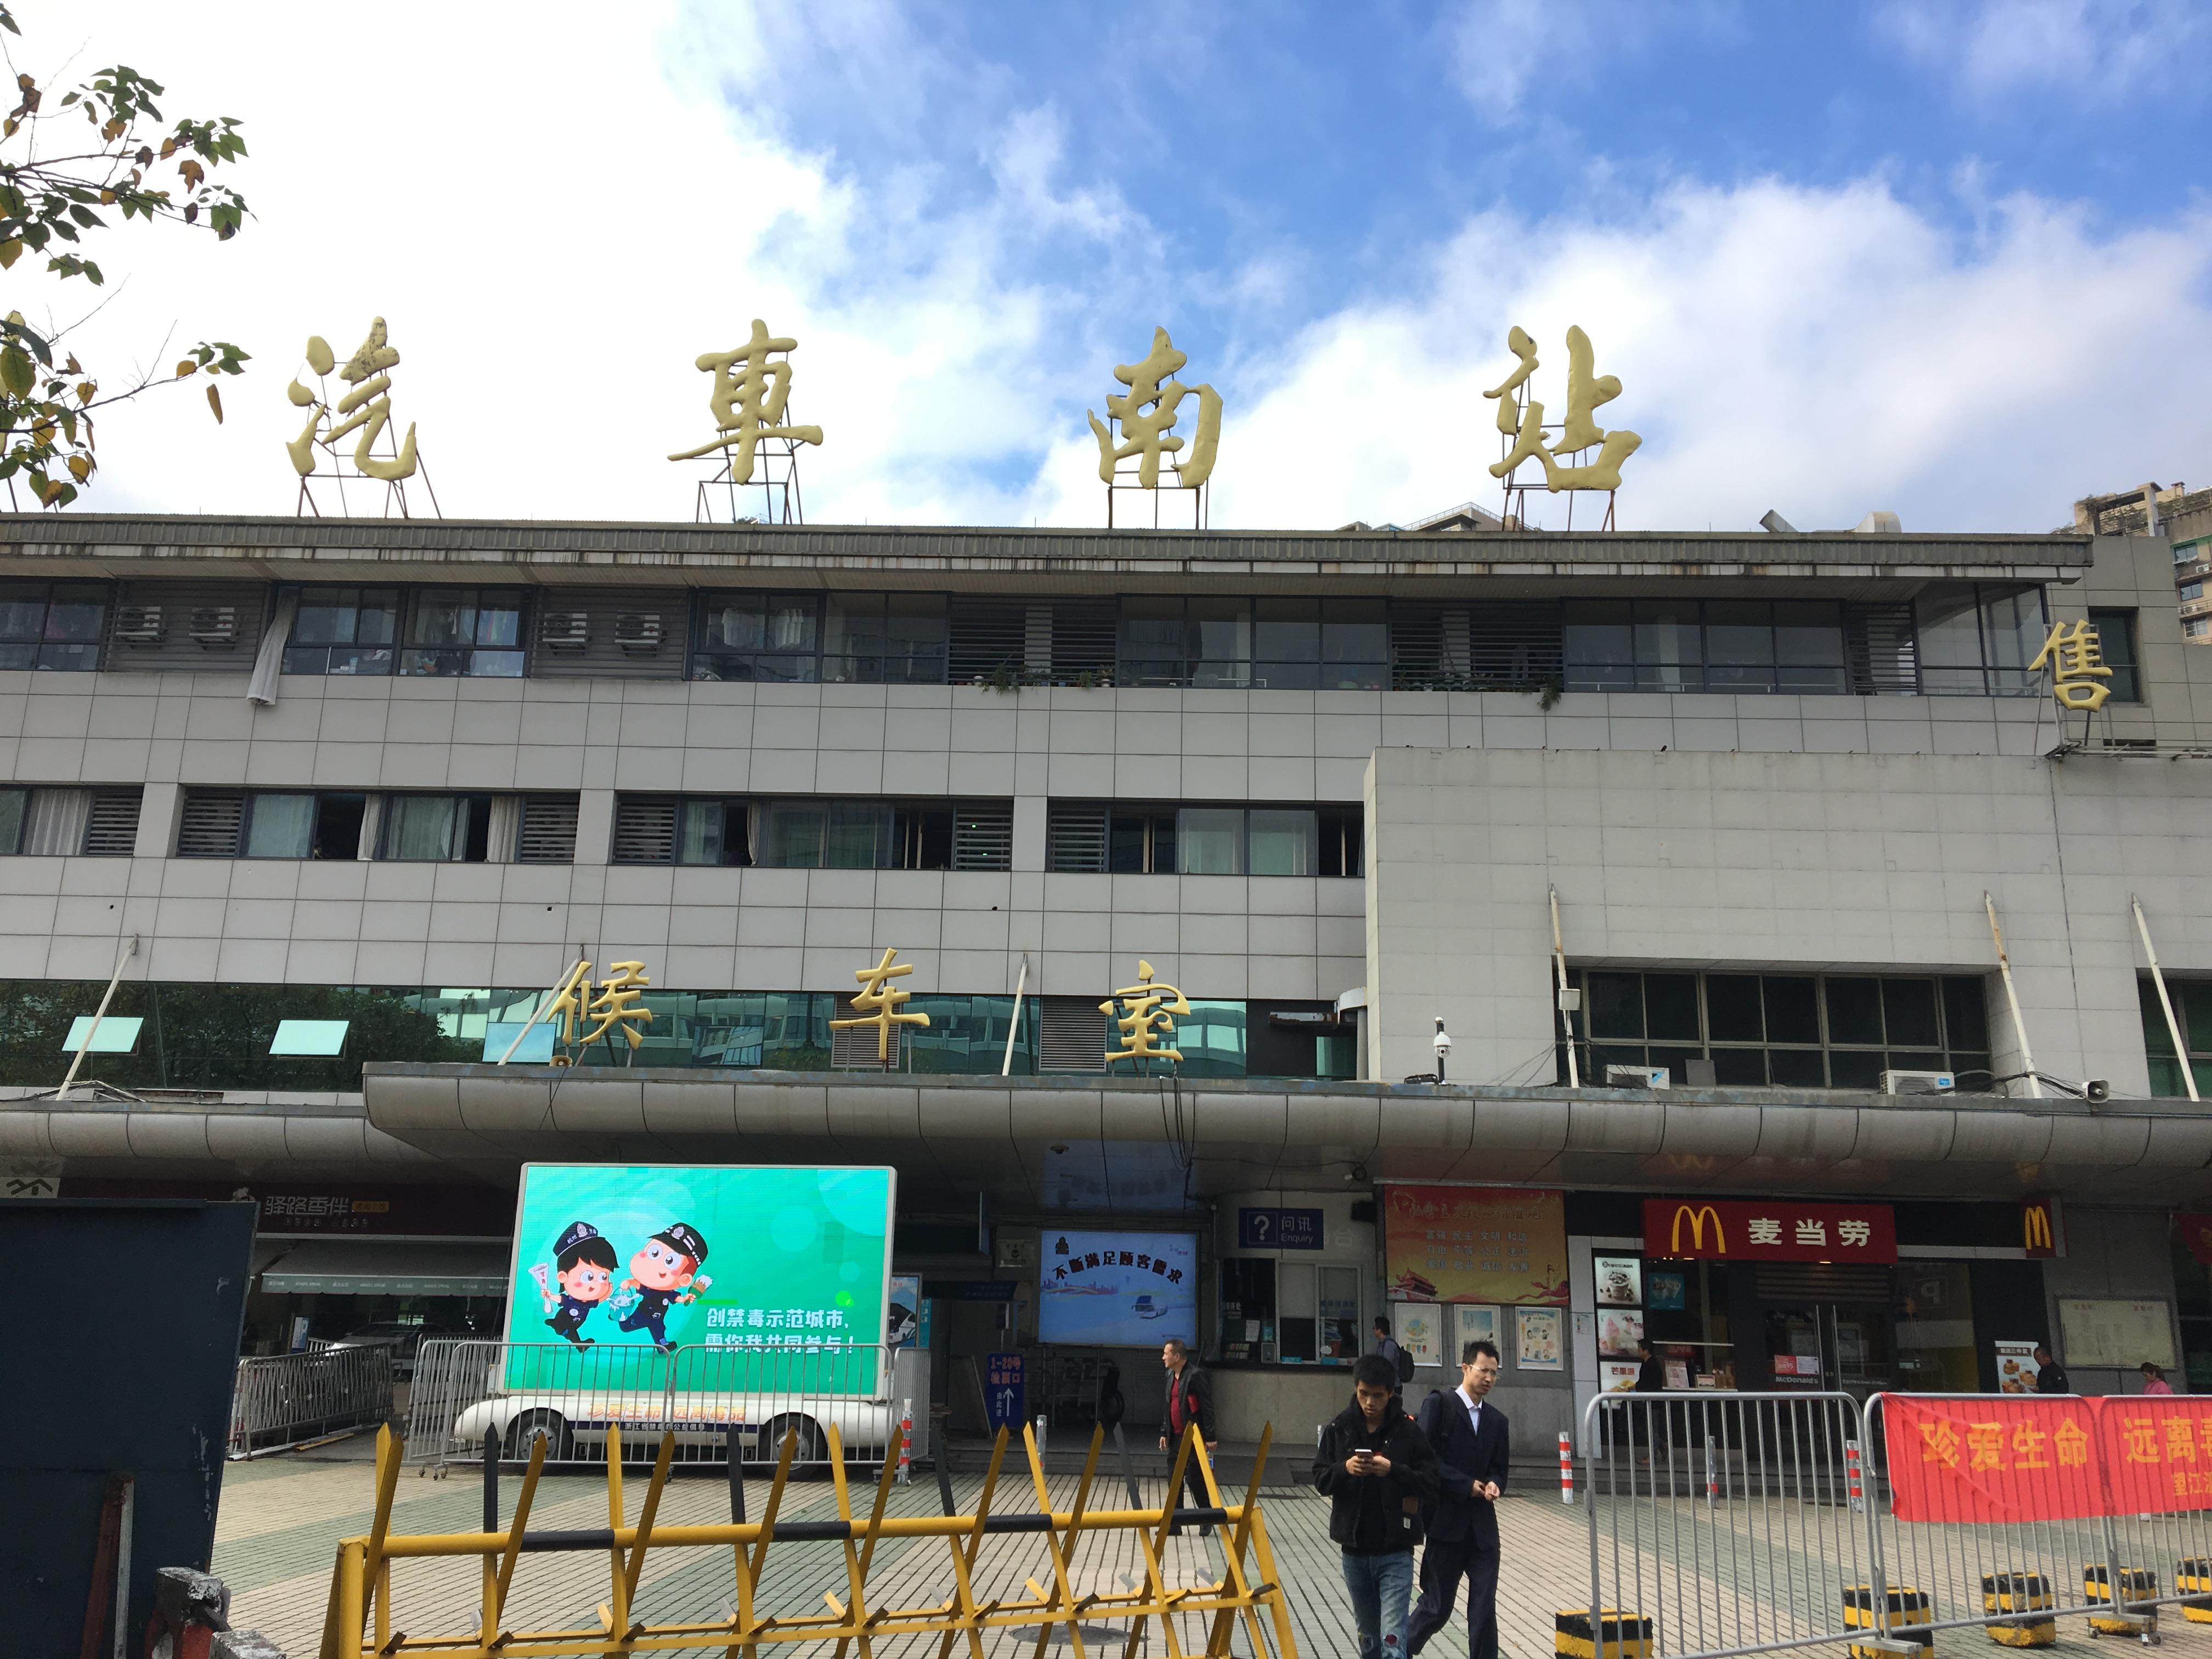 定了!汽车南站将搬迁至滨江浦沿,原址将变住宅!